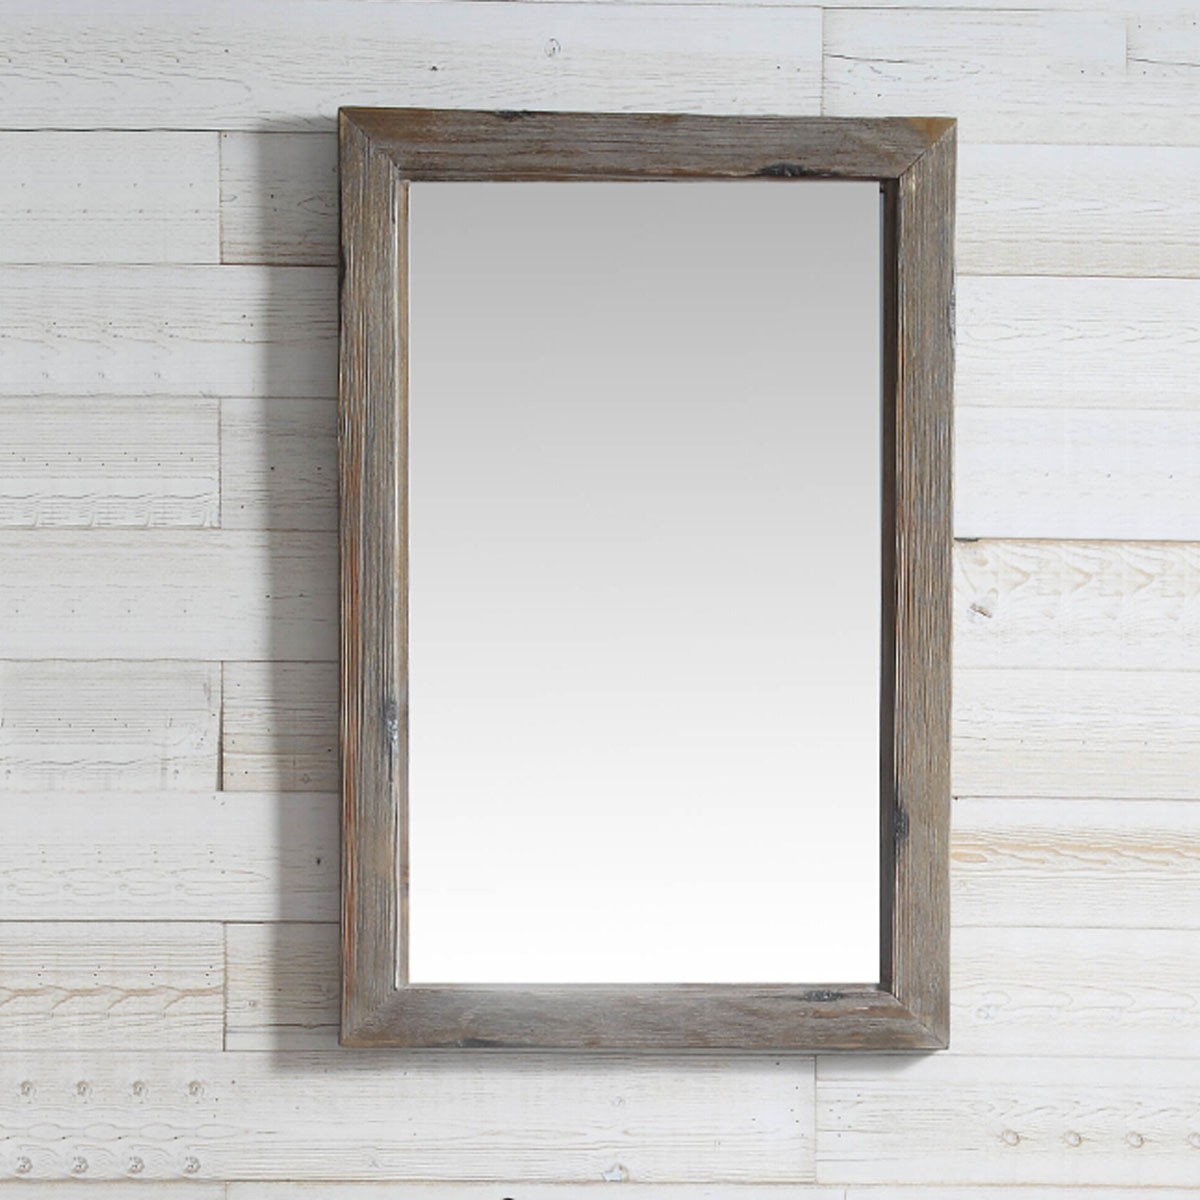 24 x 36 po miroir pour vanit avec cadre en bois de sapin for Couper un miroir